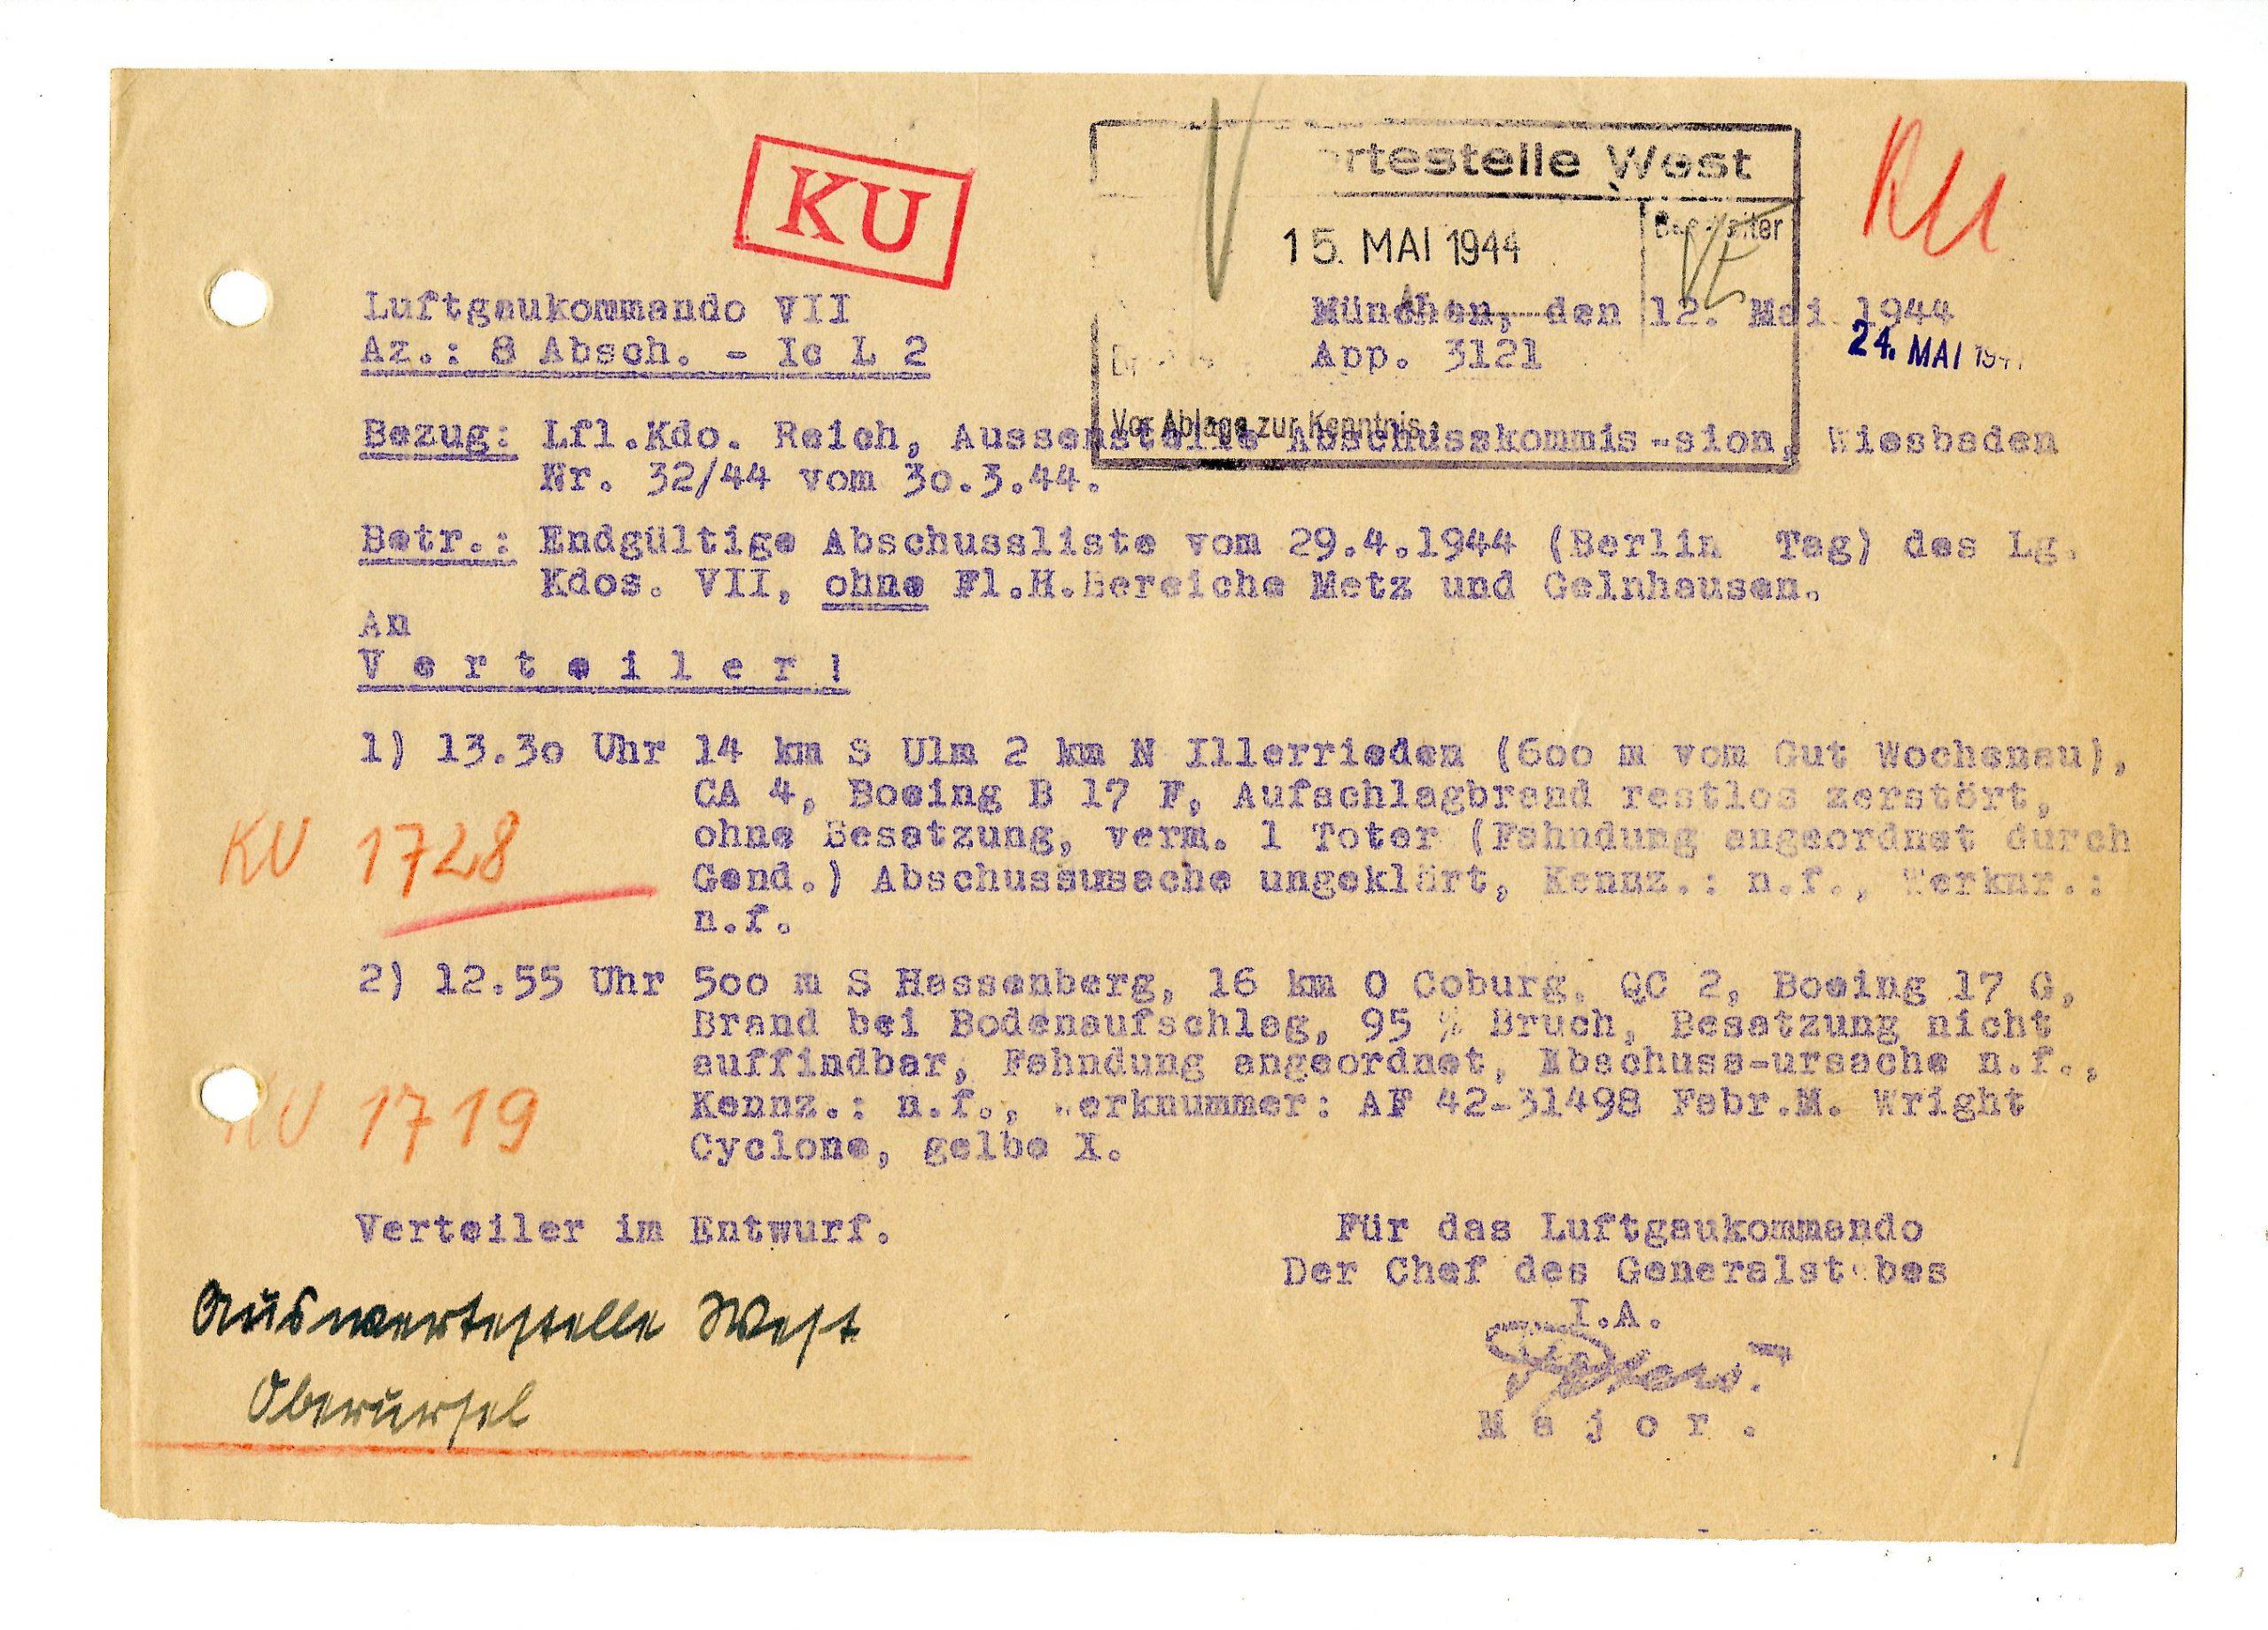 B-17F bei Illerrieden (Ulm) am 29.04.1944